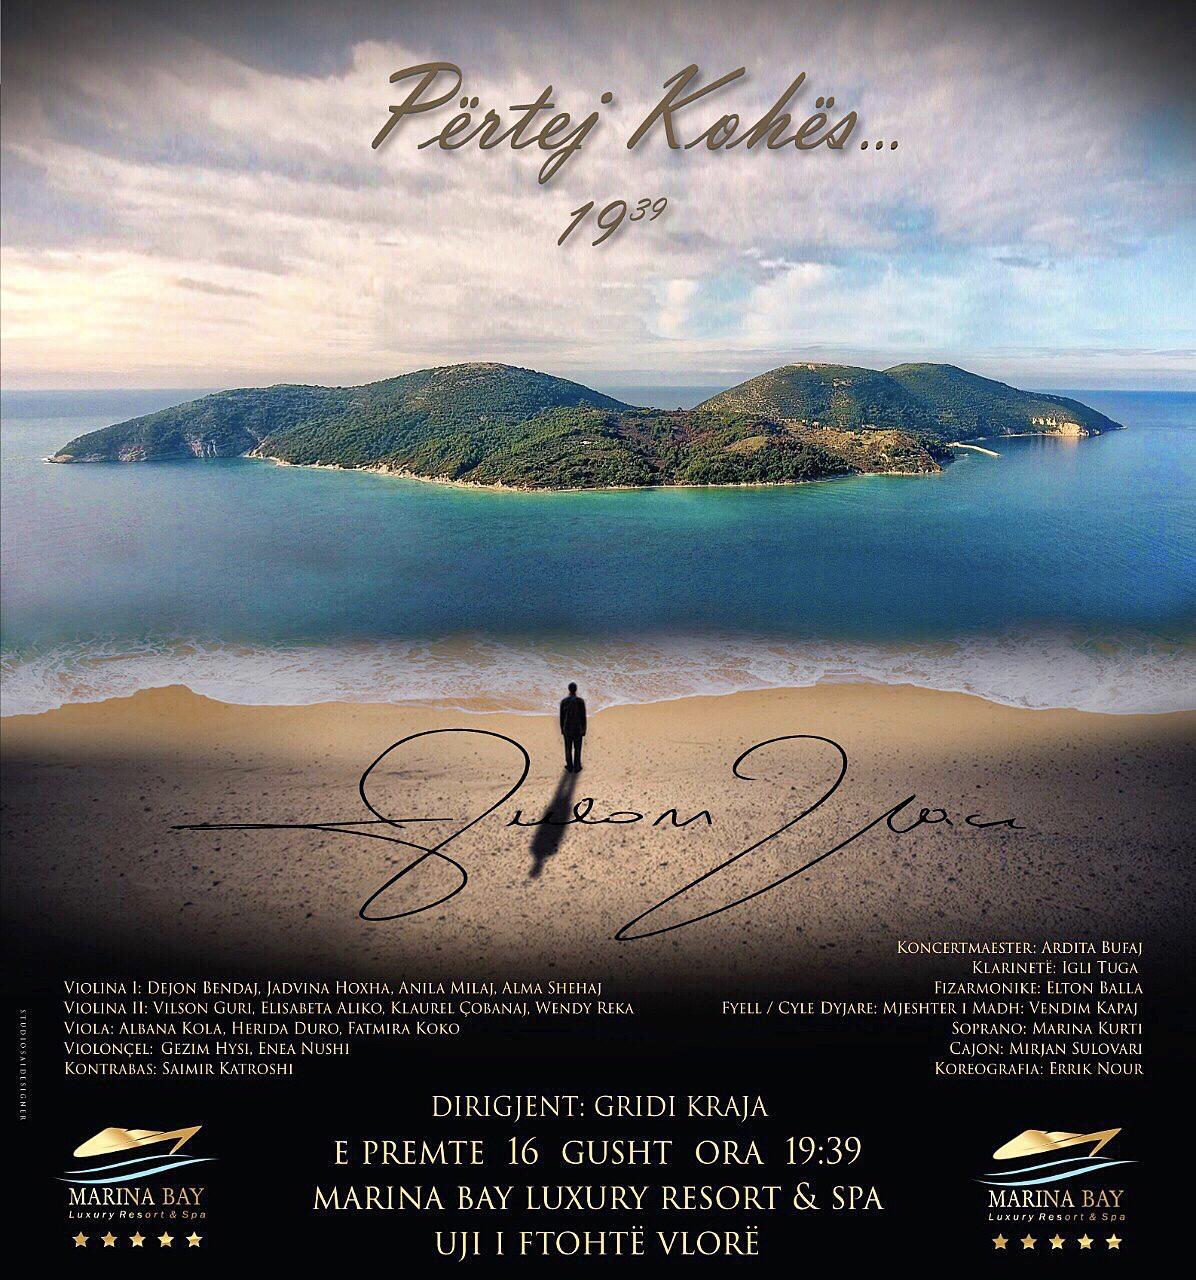 «Përtej kohës» [oltre il tempo], il 16 agosto il concerto di Aulon Naçi